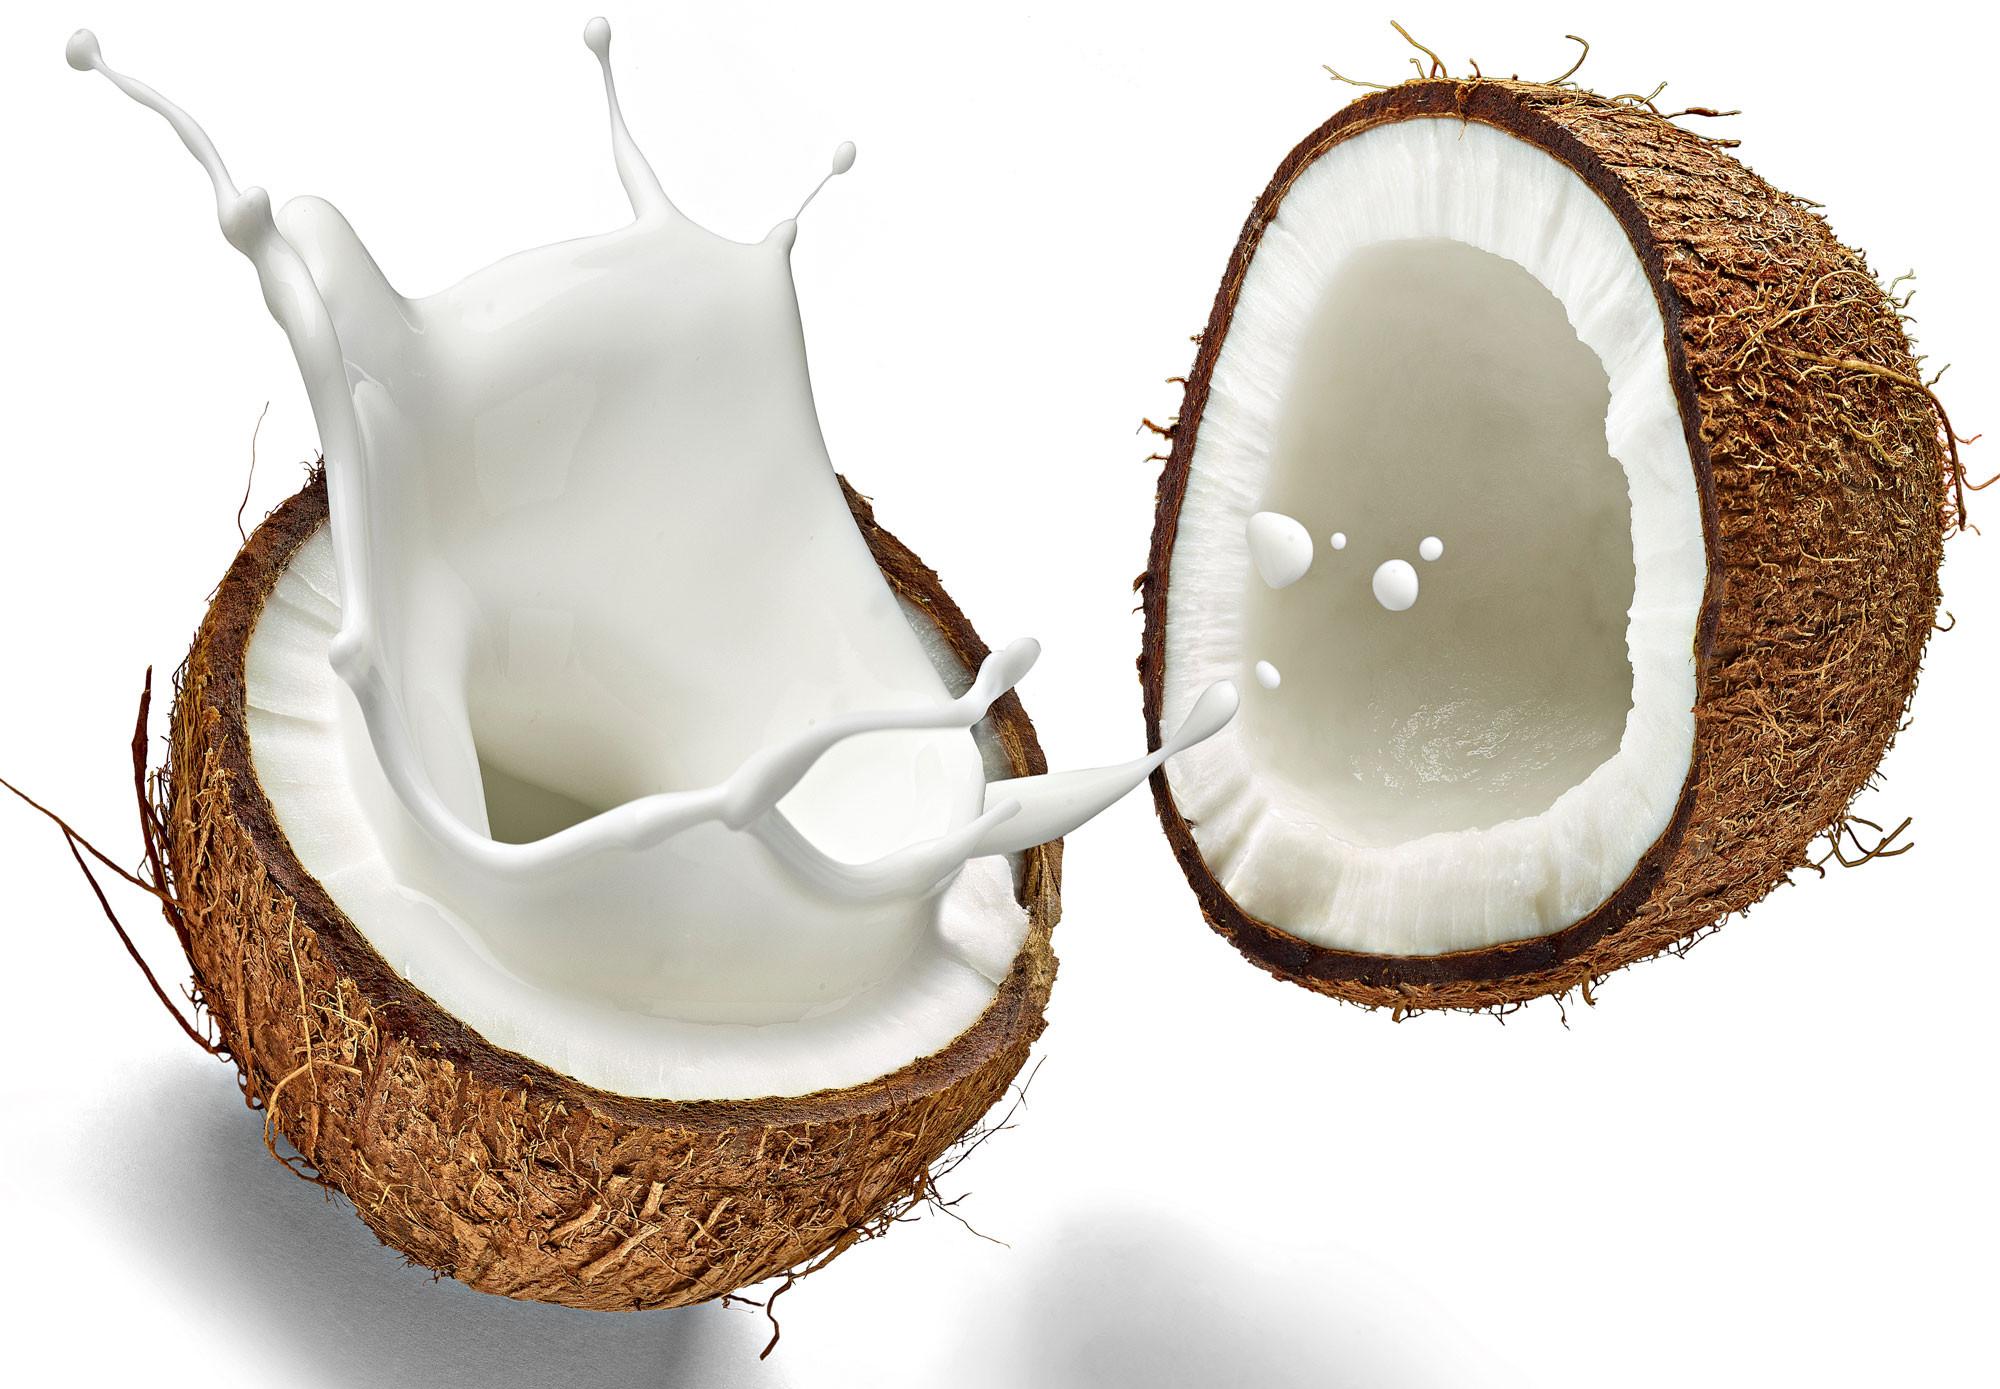 Óleo de coco: Pode não ser